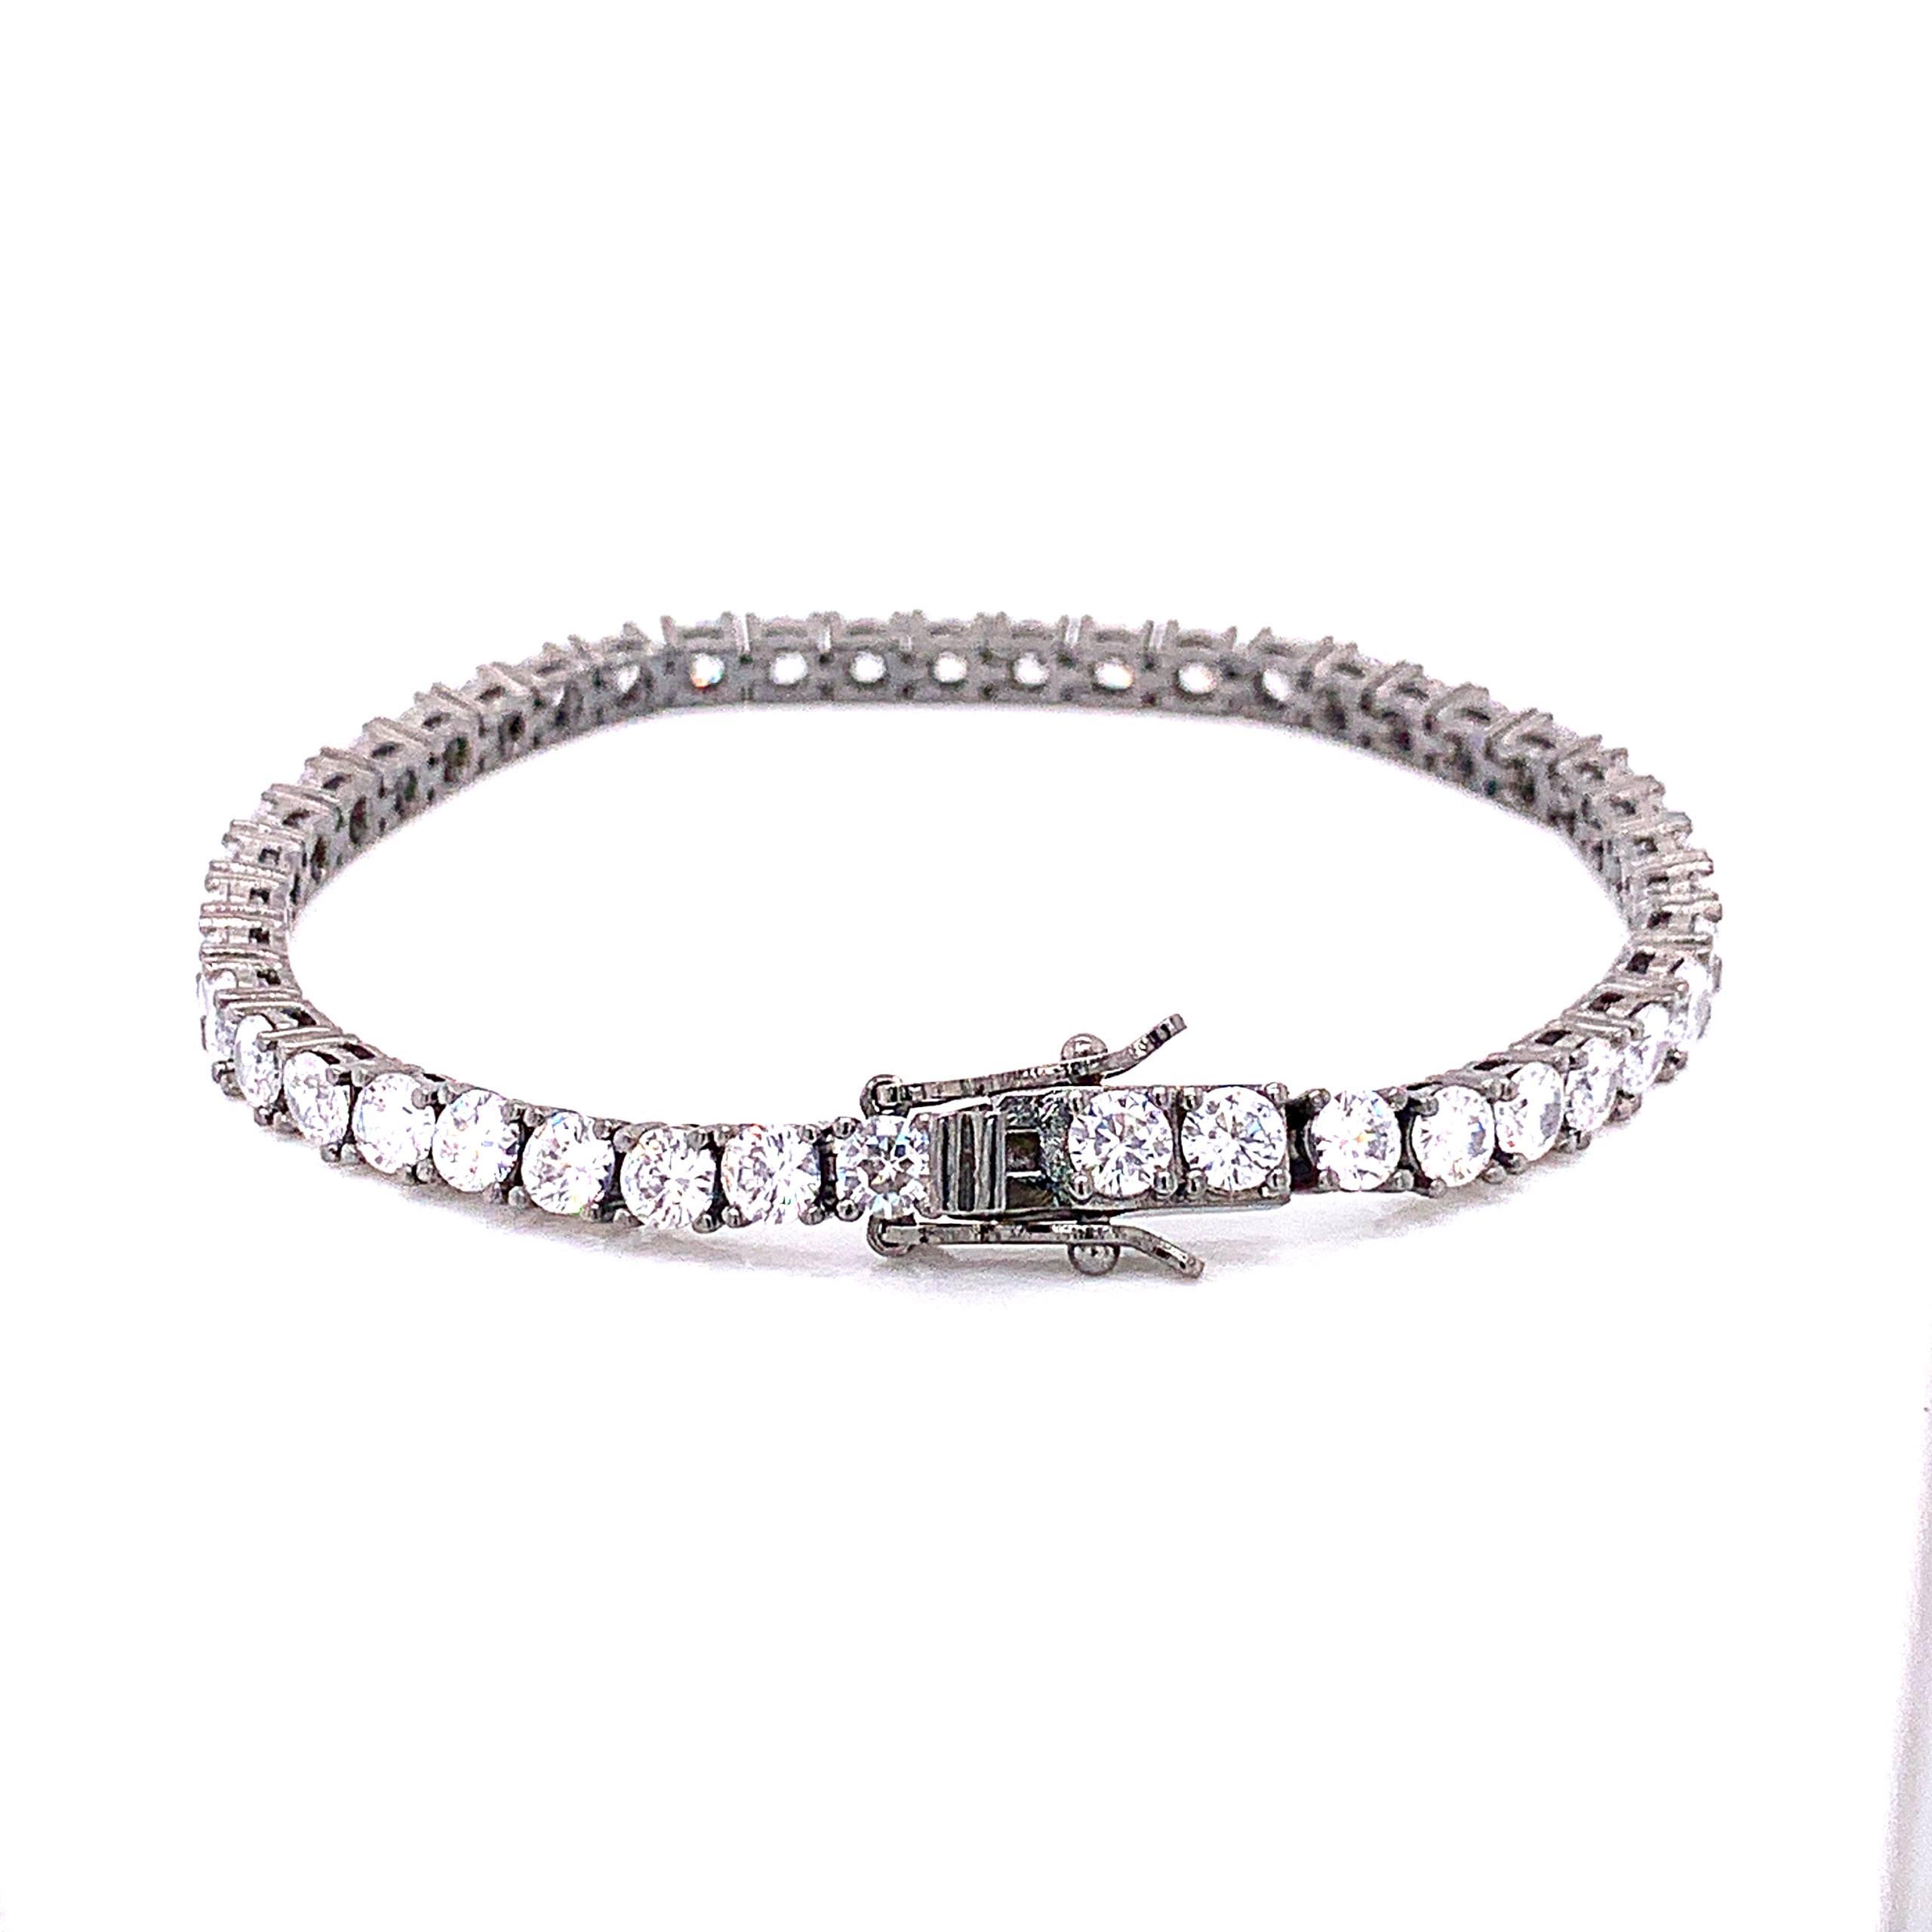 4mm White Topaz Tennis Bracelet